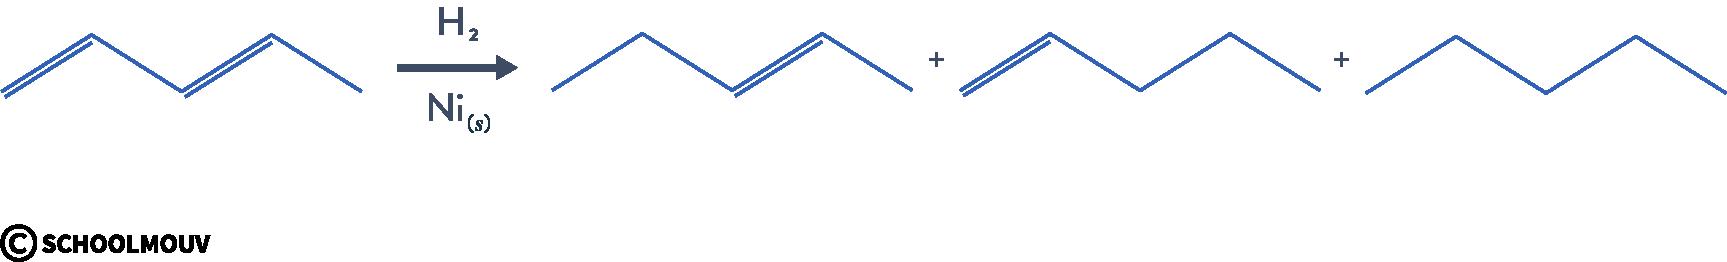 stratégie et sélectivité en chimie organique catalyseur terminale physique chimie schoolmouv